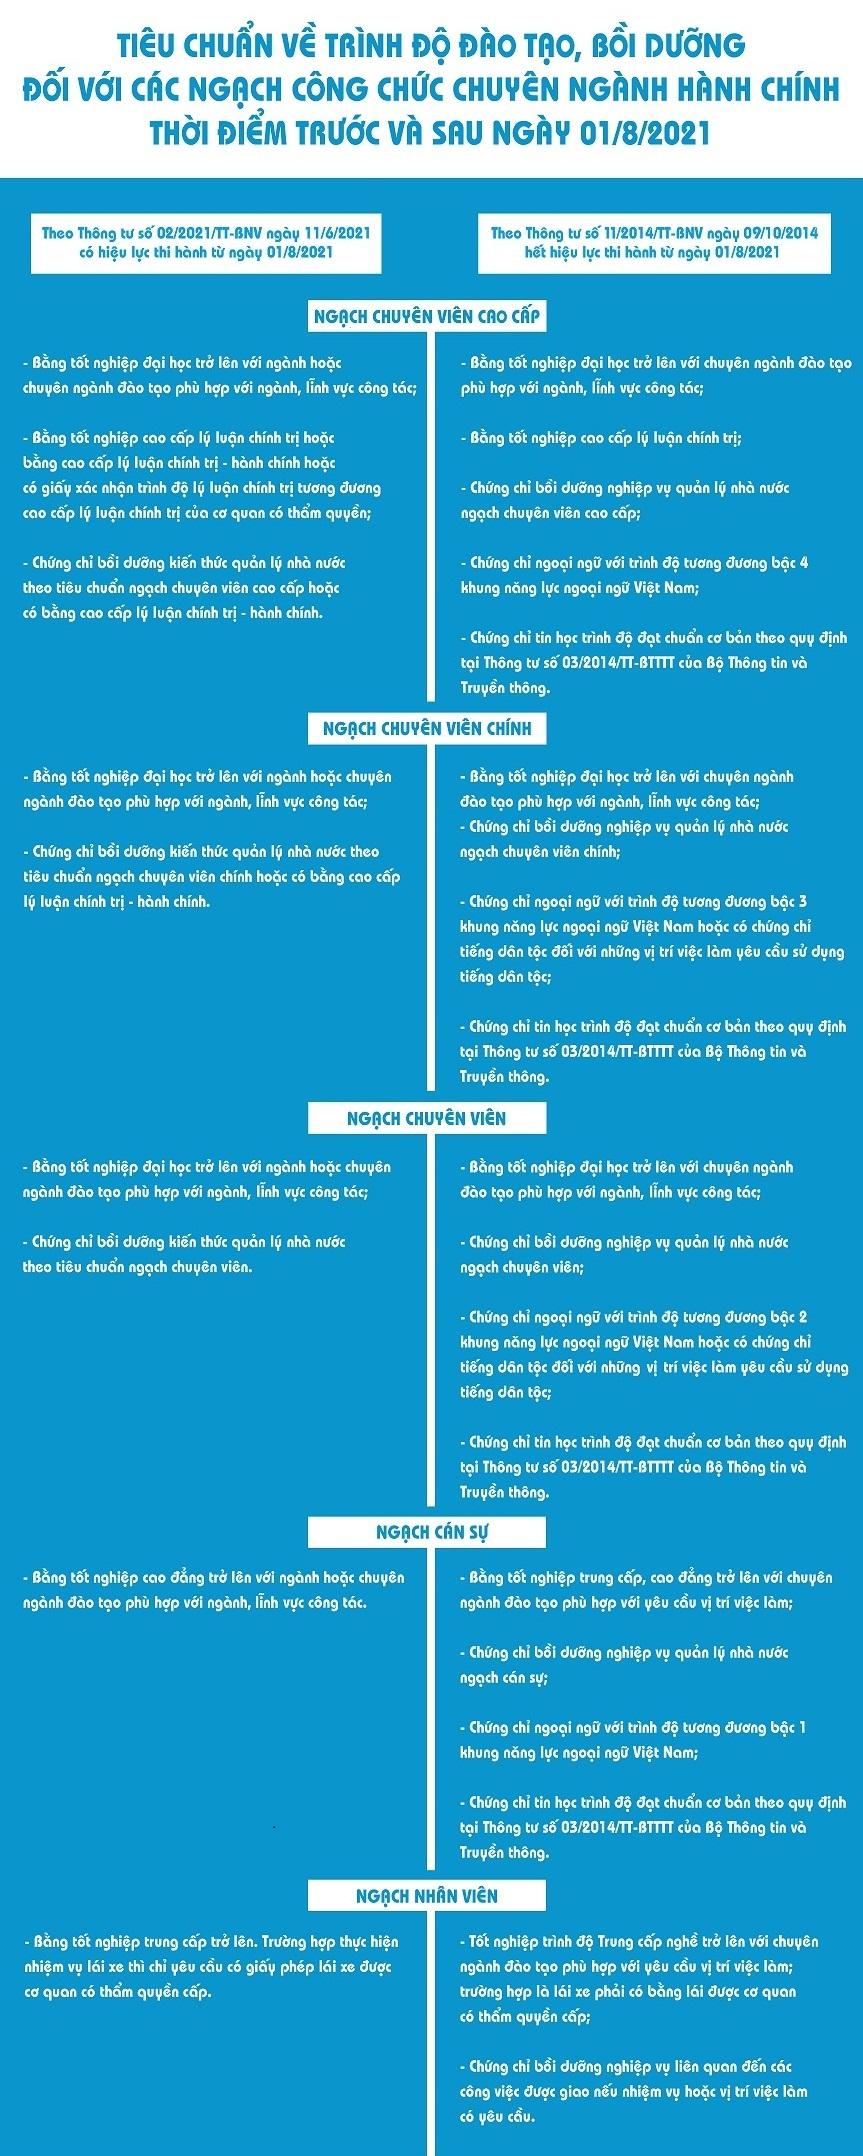 7b9acfd5fe2f8ab49a6969cc389b3501-Tieu-chuan-trinh-do-cong-chuc-chuyen-nganh-hanh-chinh_infographic - Copy